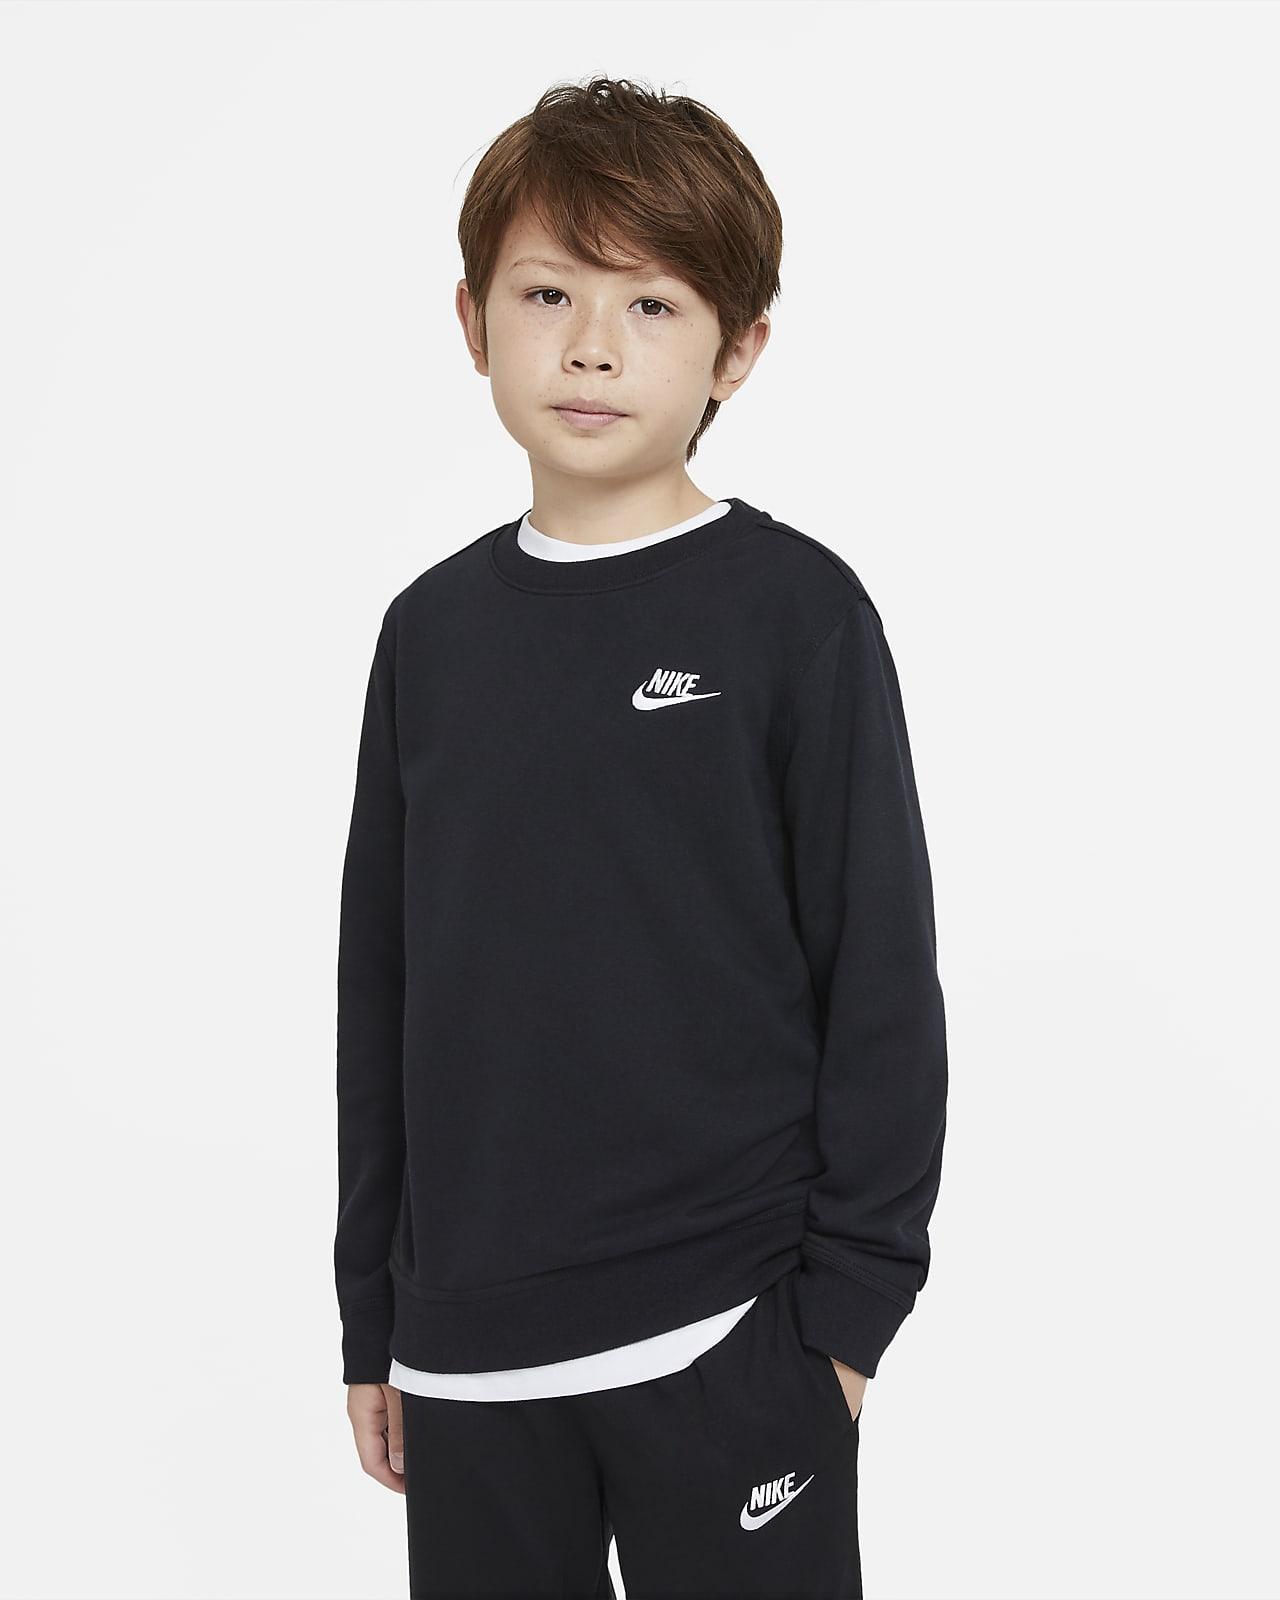 Nike Sportswear Rundhalsshirt aus French-Terry-Material für ältere Kinder (Jungen)